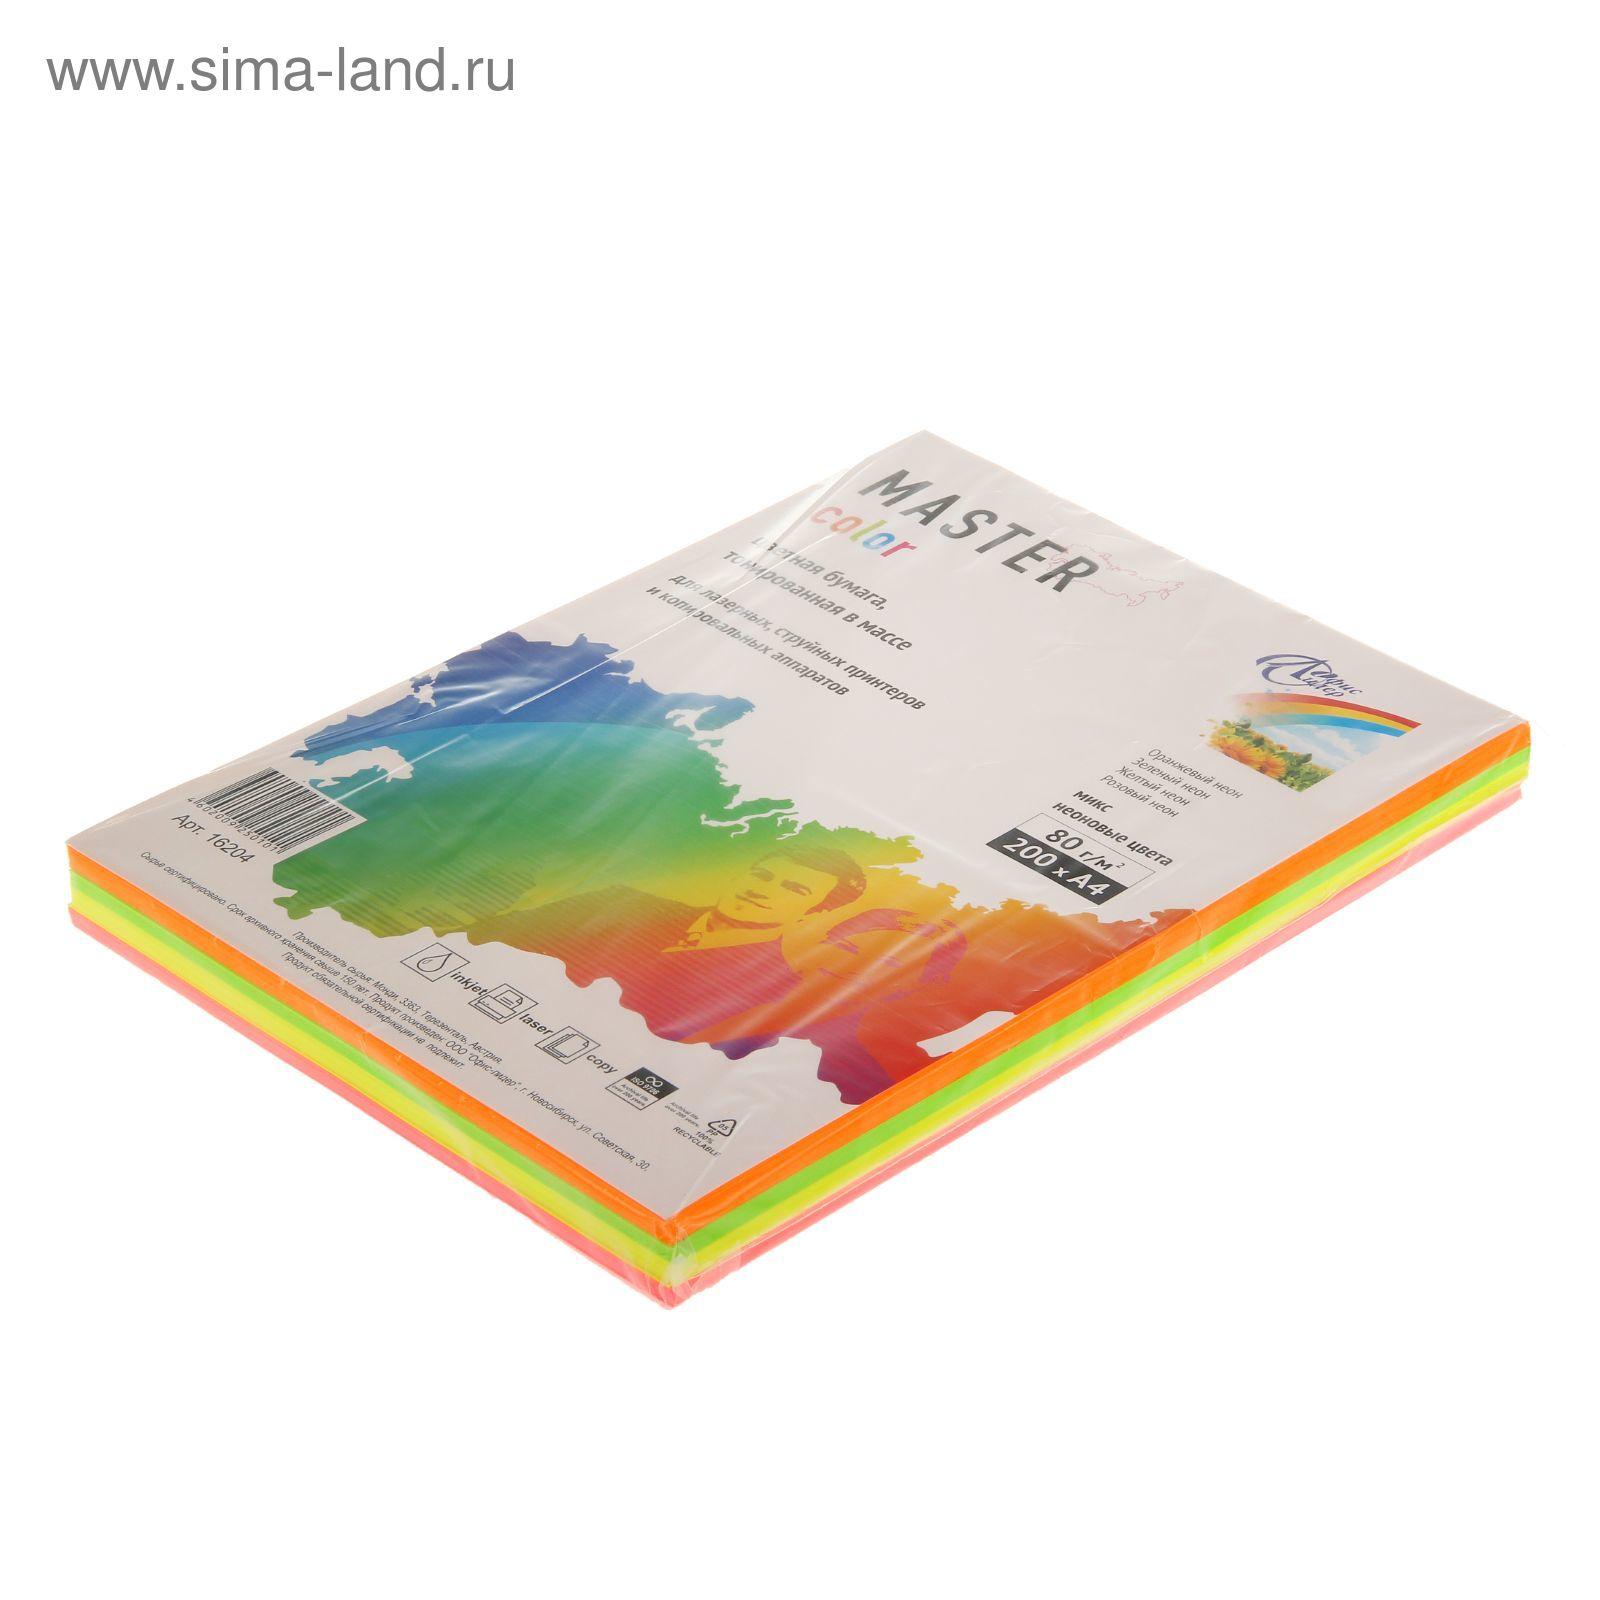 Бумага А4 цветная 200л Mix 4цв Неоновые цвета 80g\m2